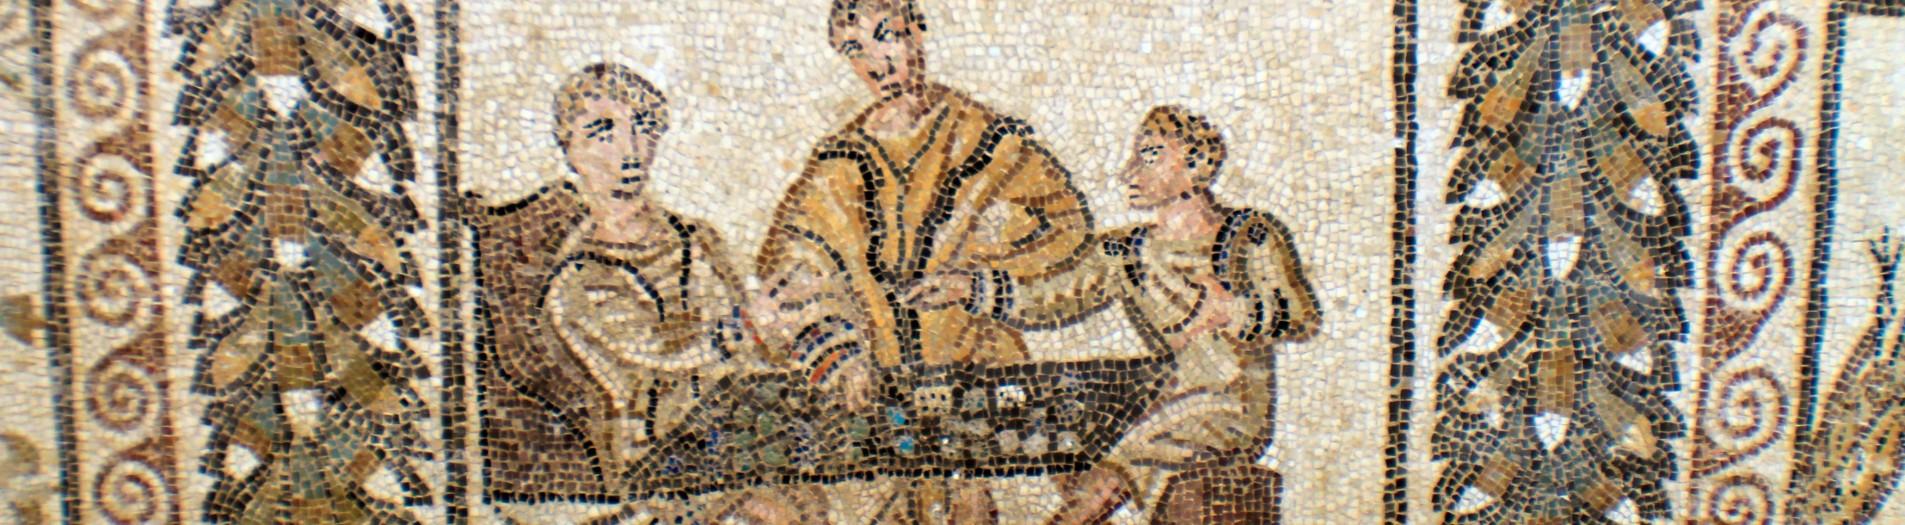 Les jeux de ''dés'' chez les romains en Tunisie